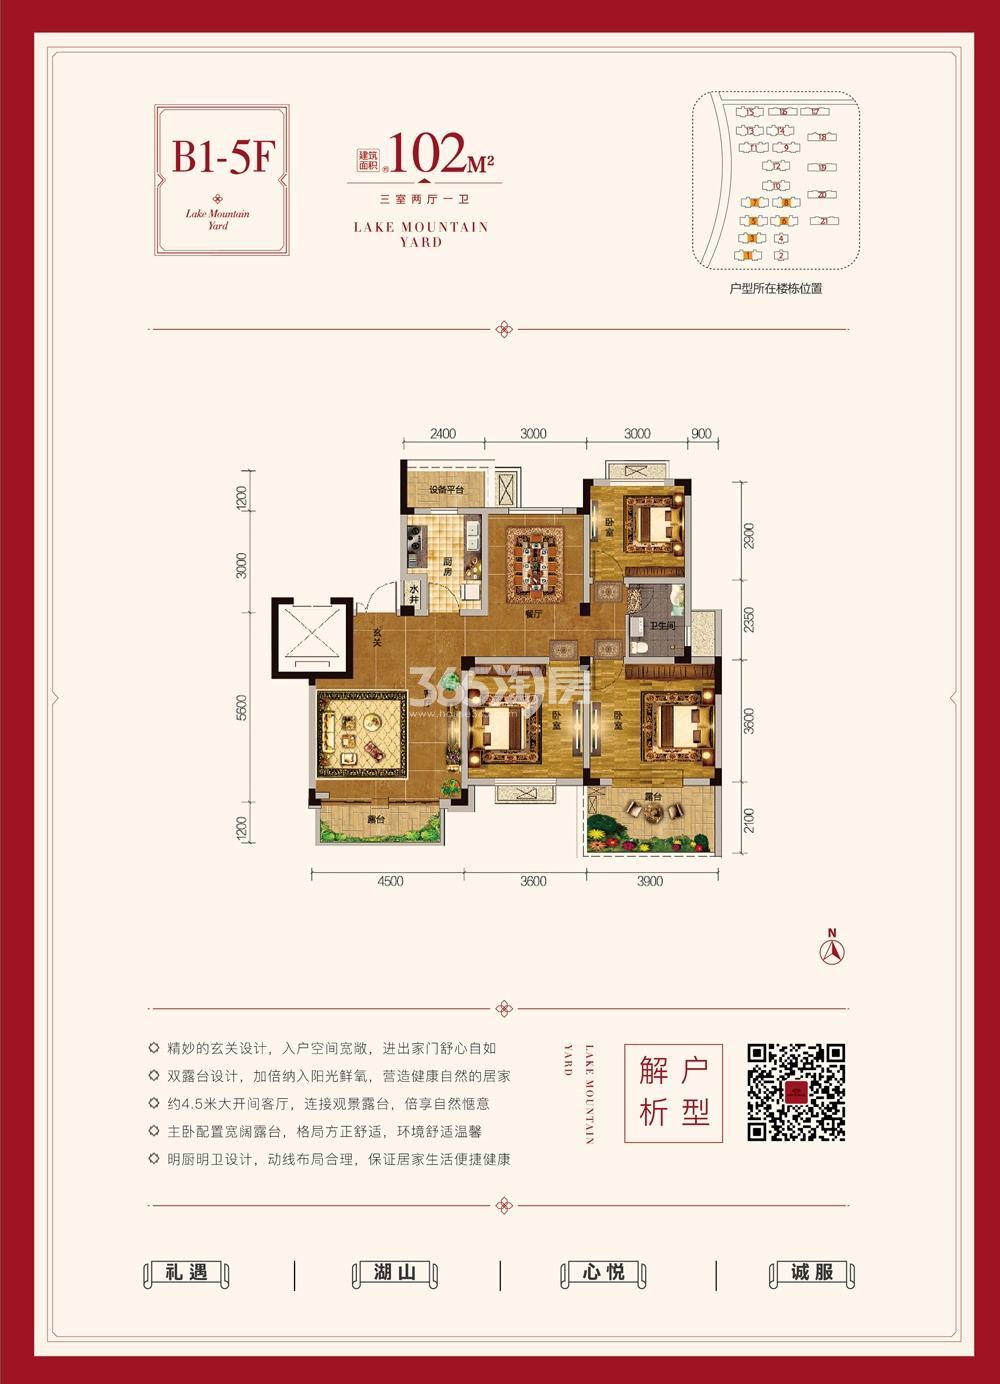 悦湖山院B1-5F洋房户型102㎡